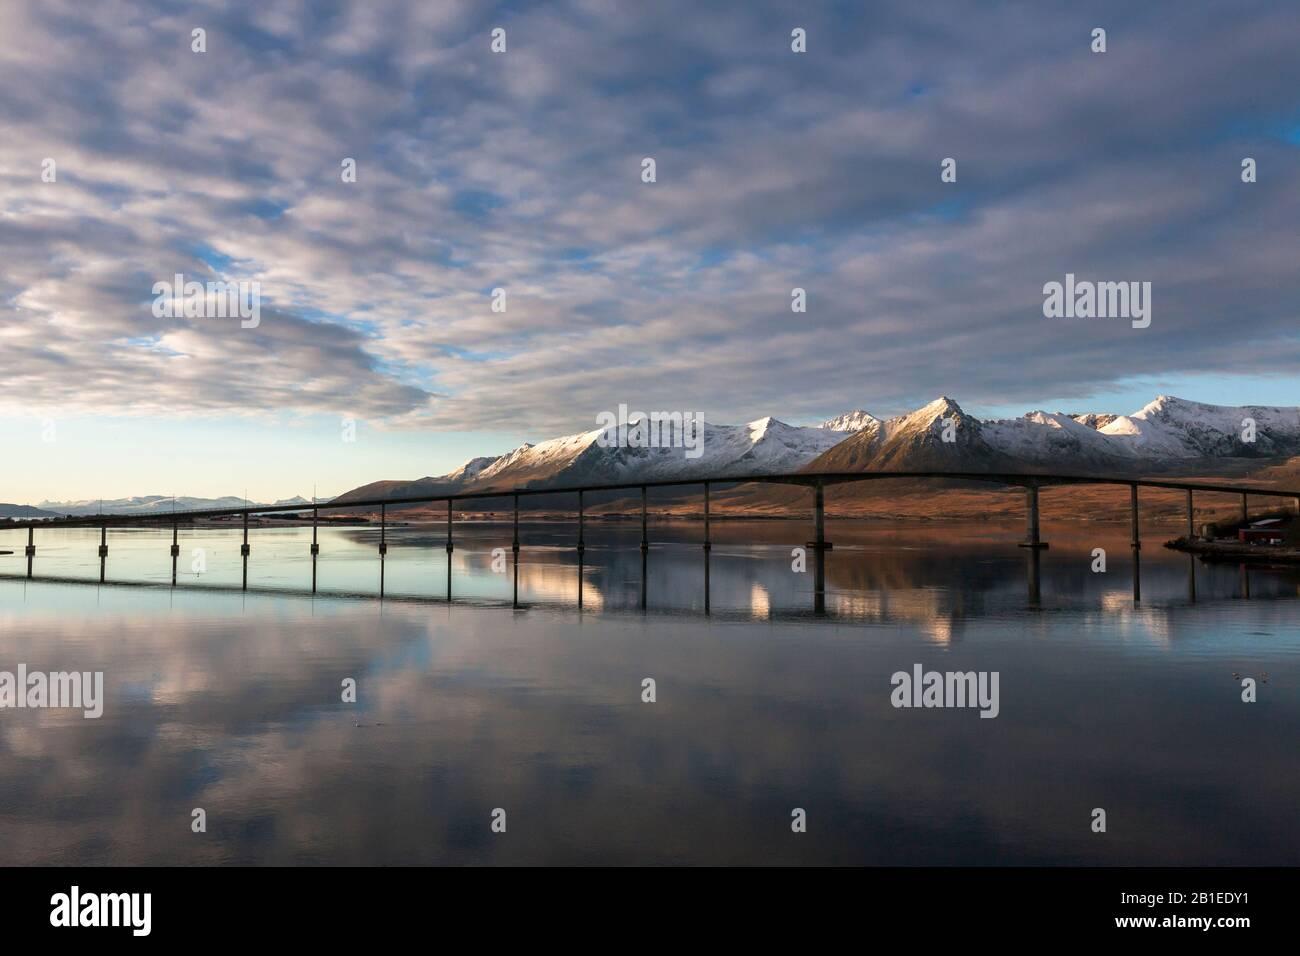 The Andoybrua Andoy Bridge Across The Risoysundet Between Andoya And Hinnoya Andoy Nordland Norway Stock Photo Alamy